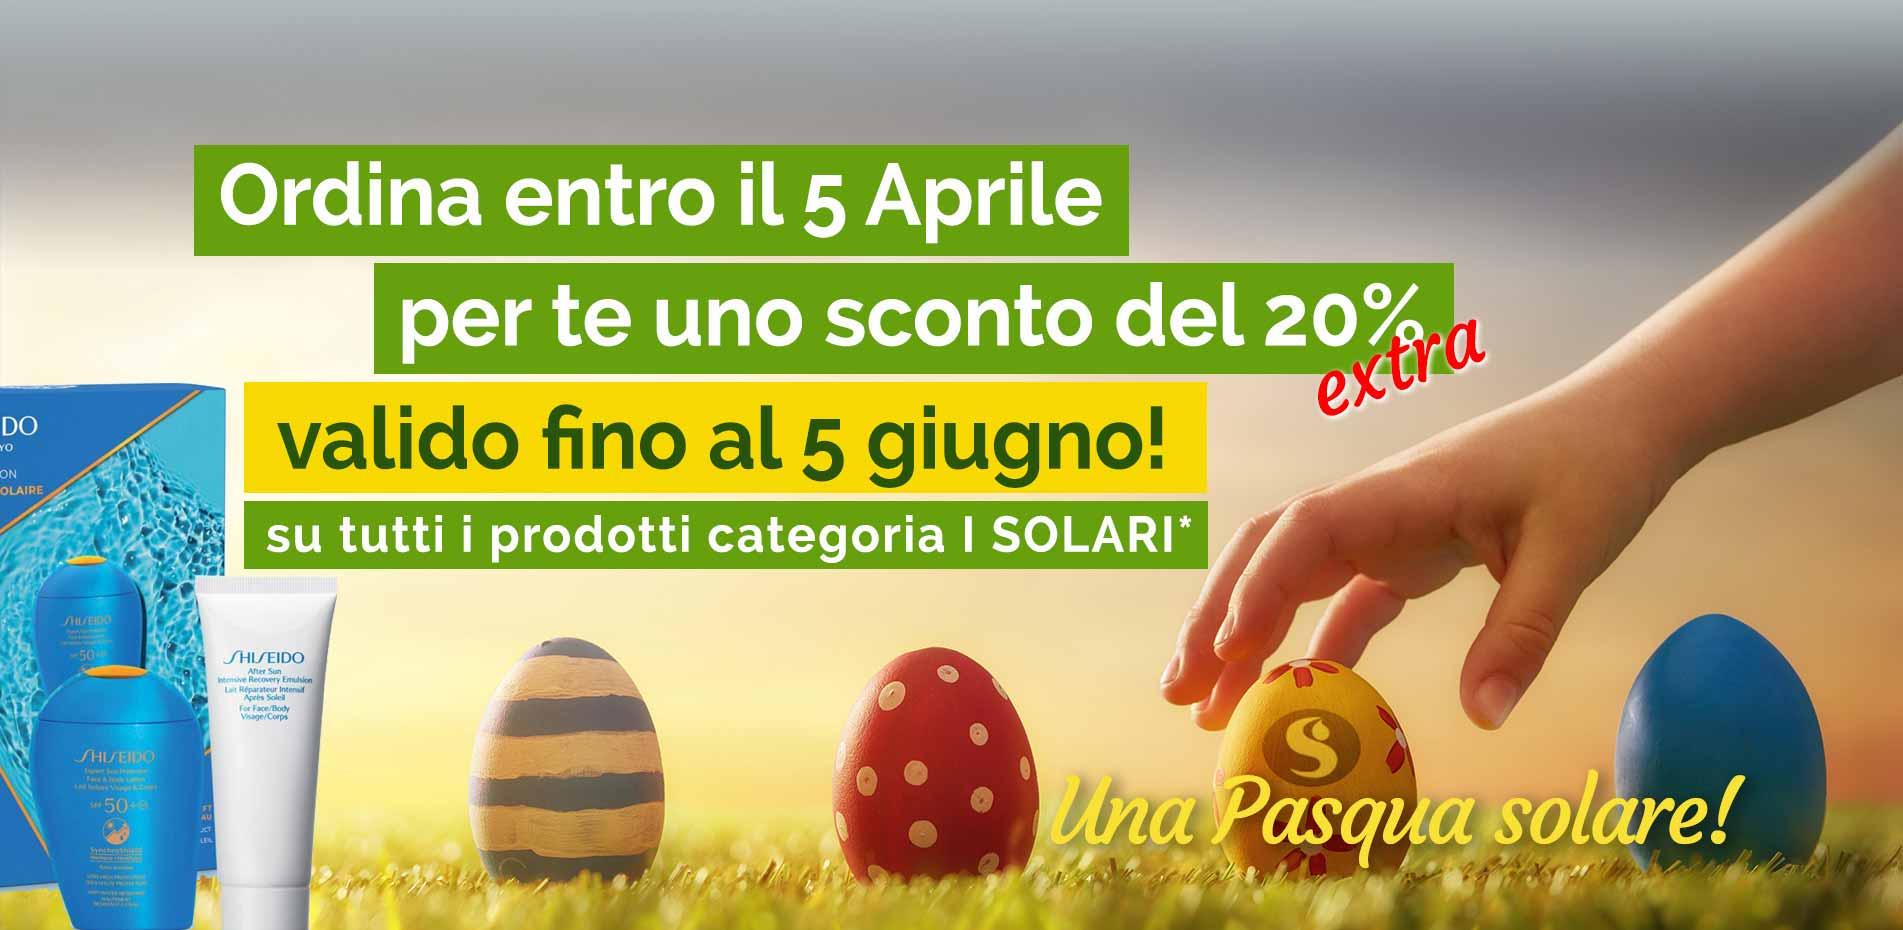 Promo Una Pasqua Solare!